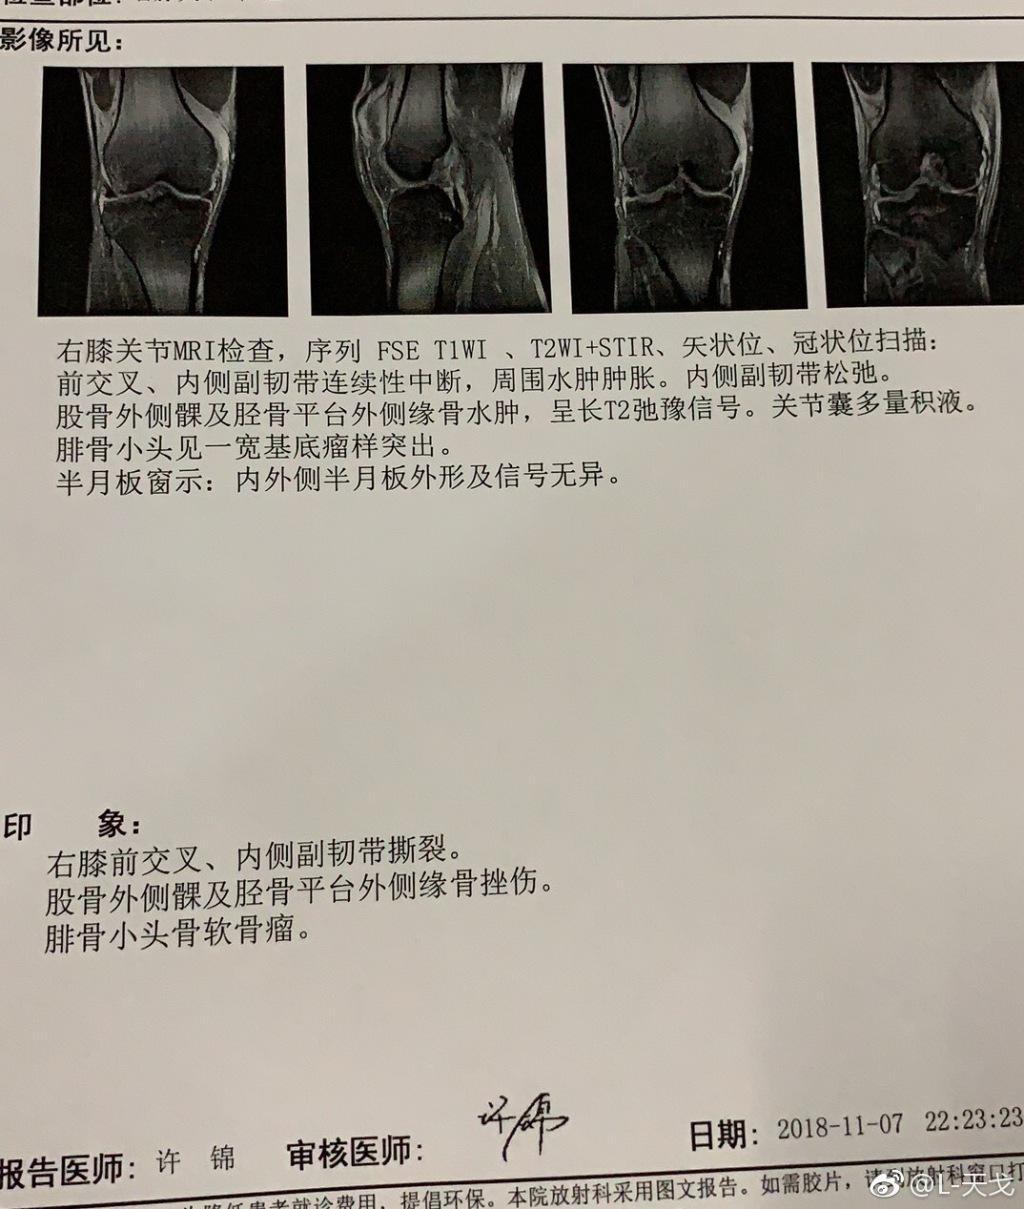 膝盖90度扭伤 八一96小将缺诊韧带撕裂:不敢看动图